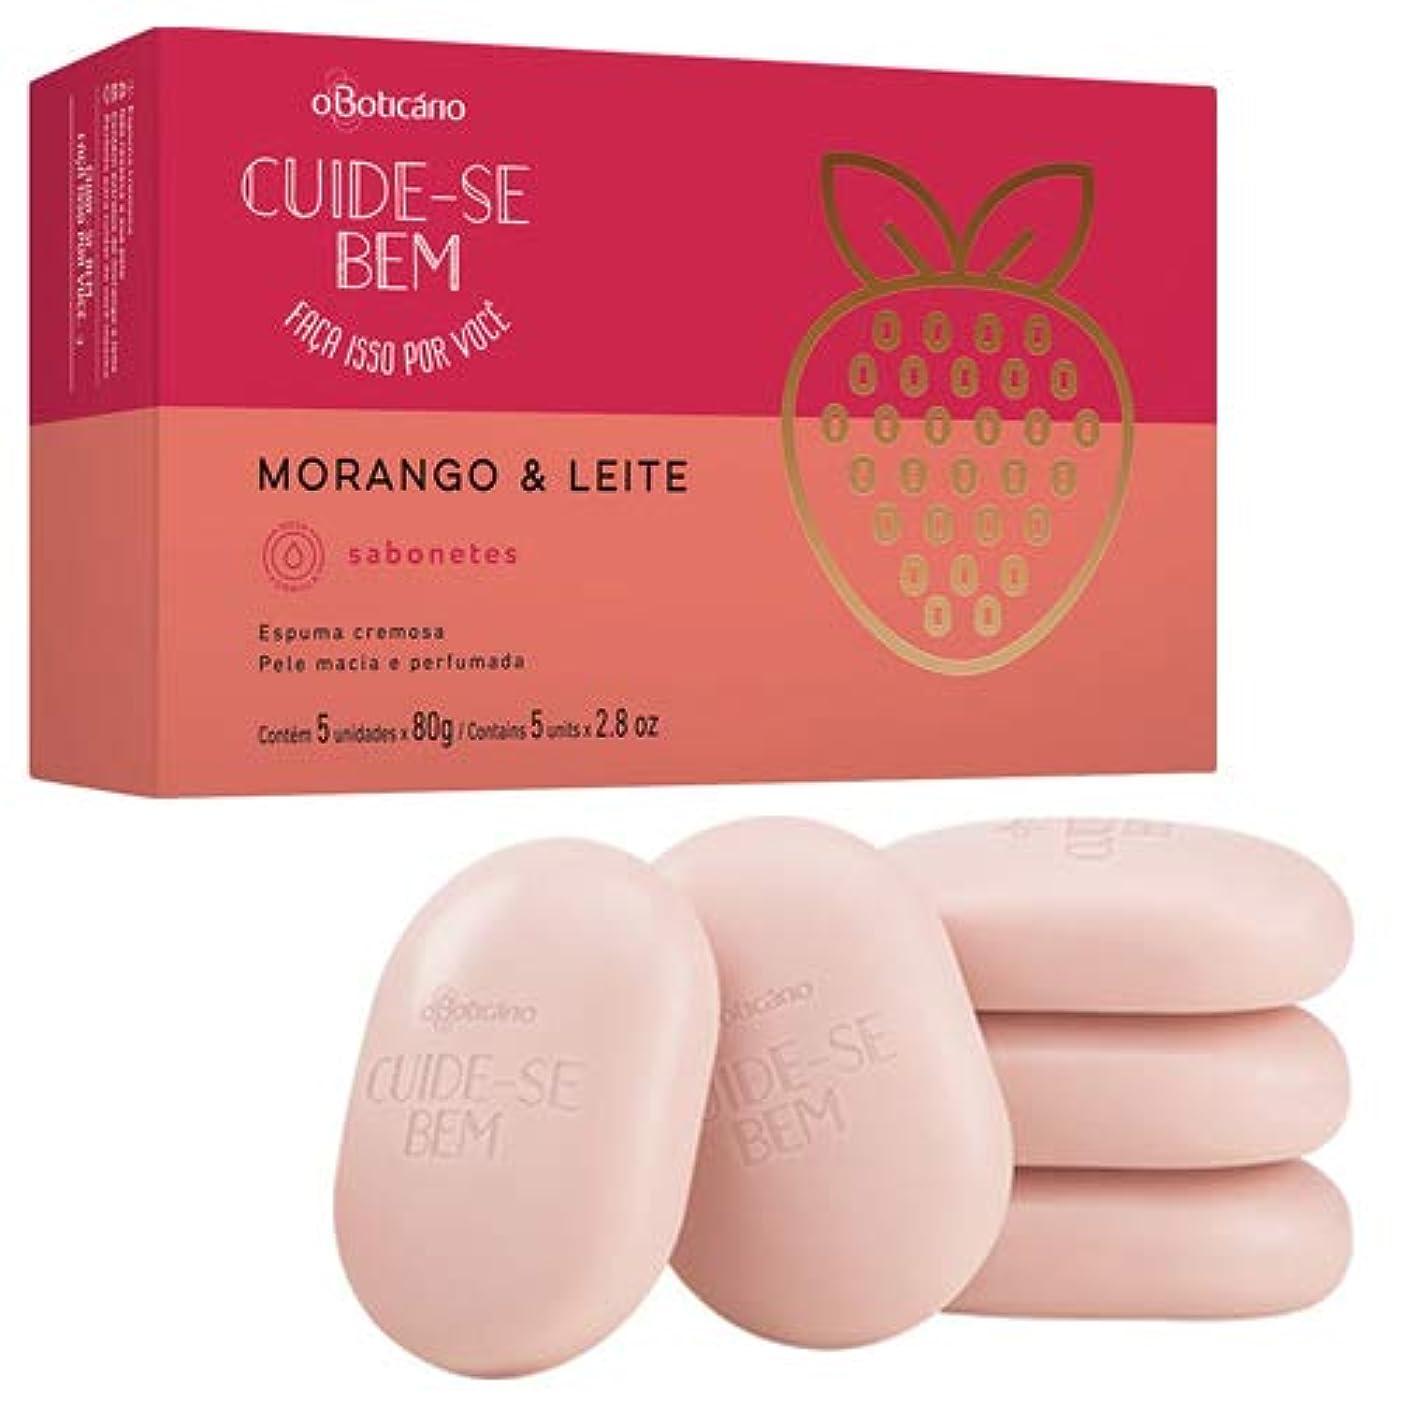 五月努力疑いオ?ボチカリオ クイデセベン CUIDE-SE BEM ソープ ストロベリー&ミルク boticario SABONETE MORANGO E LEITE 5×80g